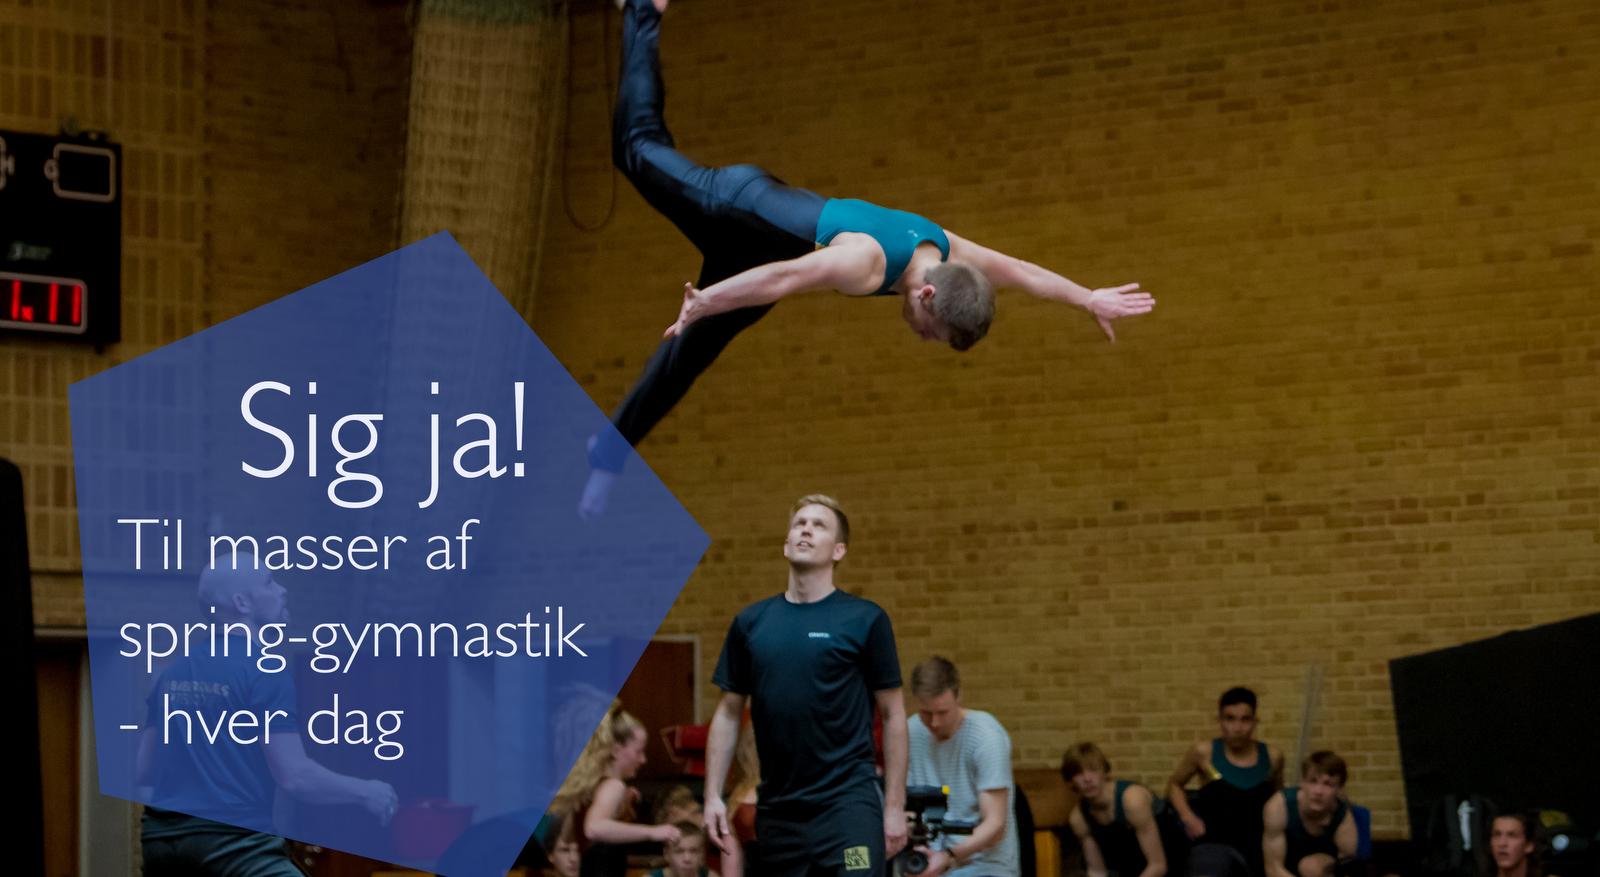 gymnastik efterskoler jylland